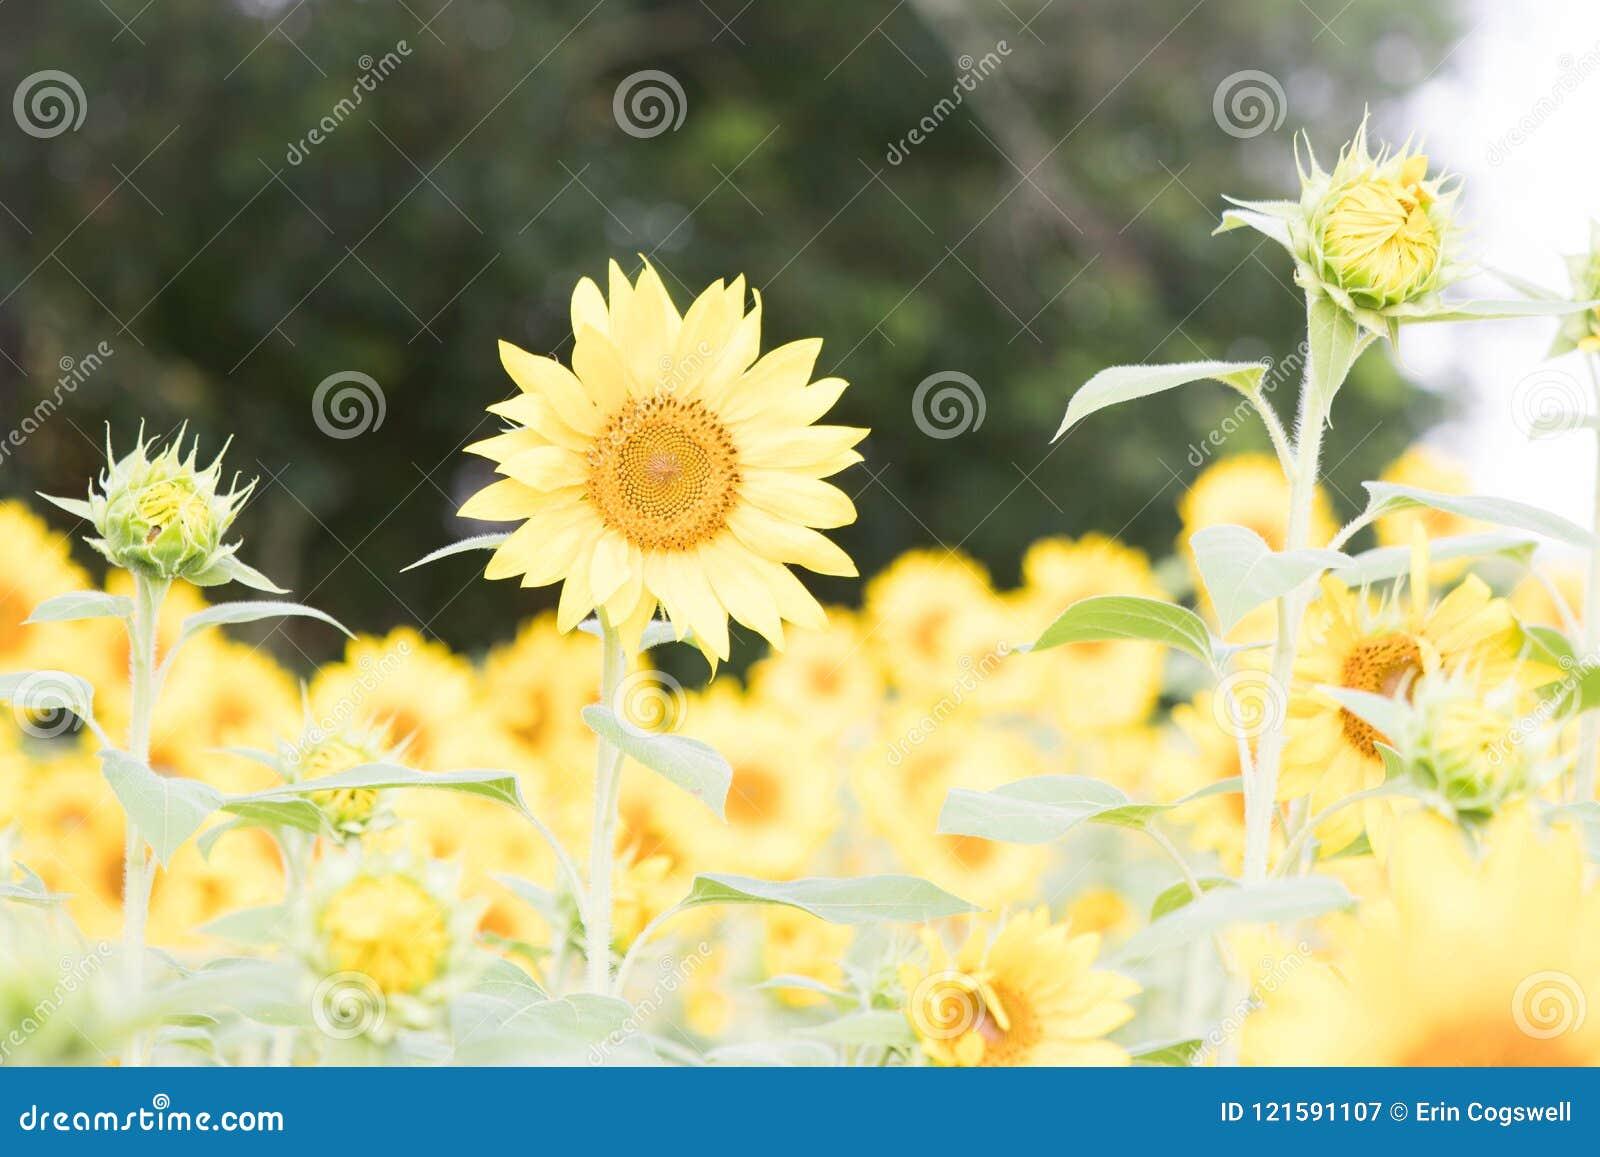 Лучший из лучших среди солнцецветов на ферме солнцецвета Андерсона